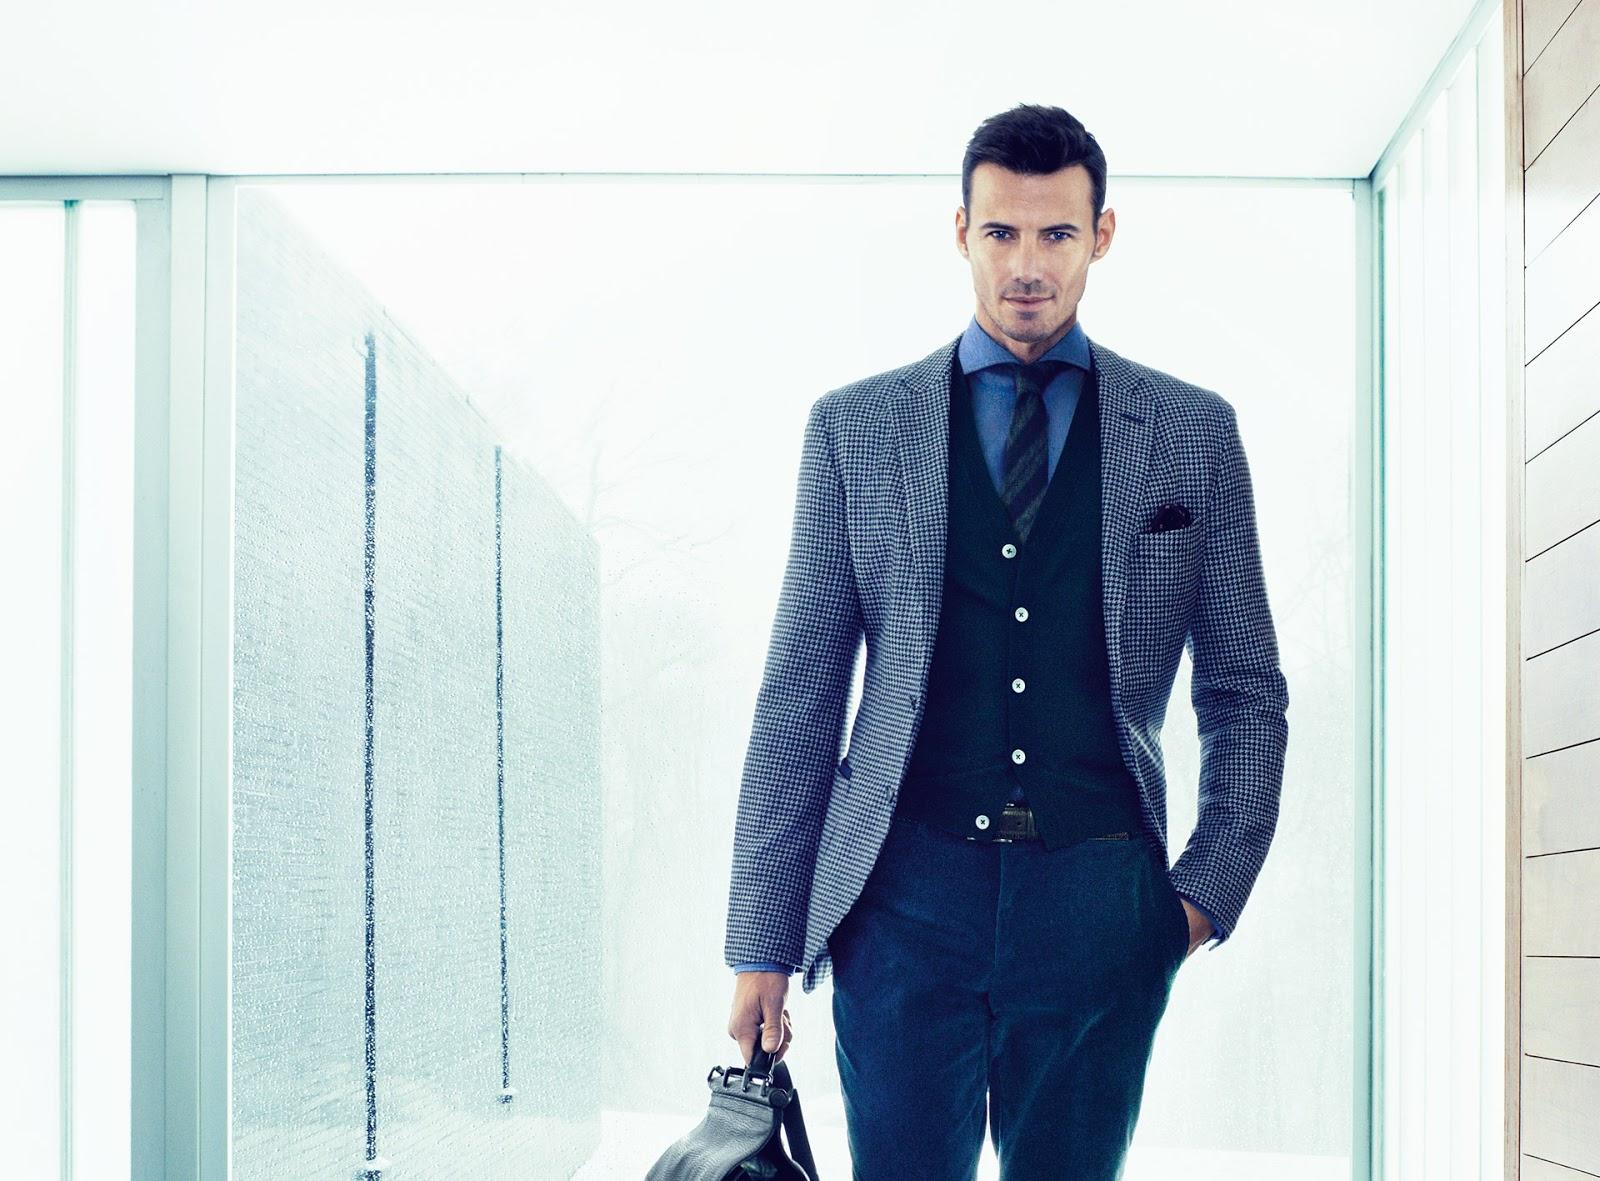 фото рекламы смешанной мужской одежды отношение